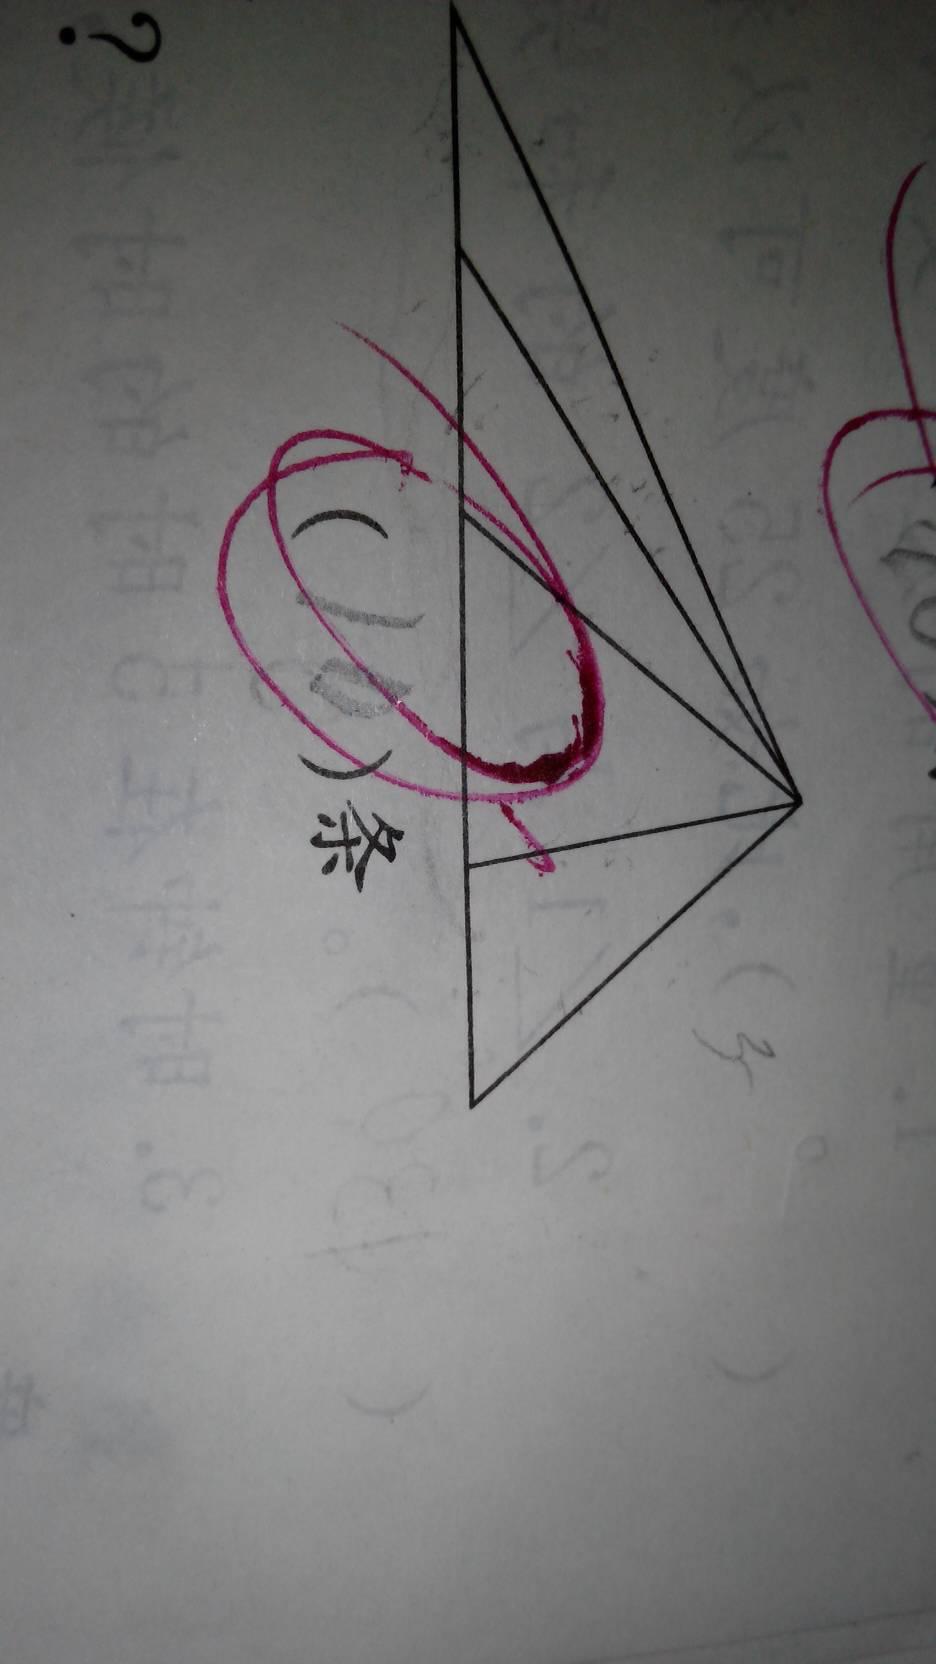 三角区尴尬线 瑜伽丰富三角区尴尬图片